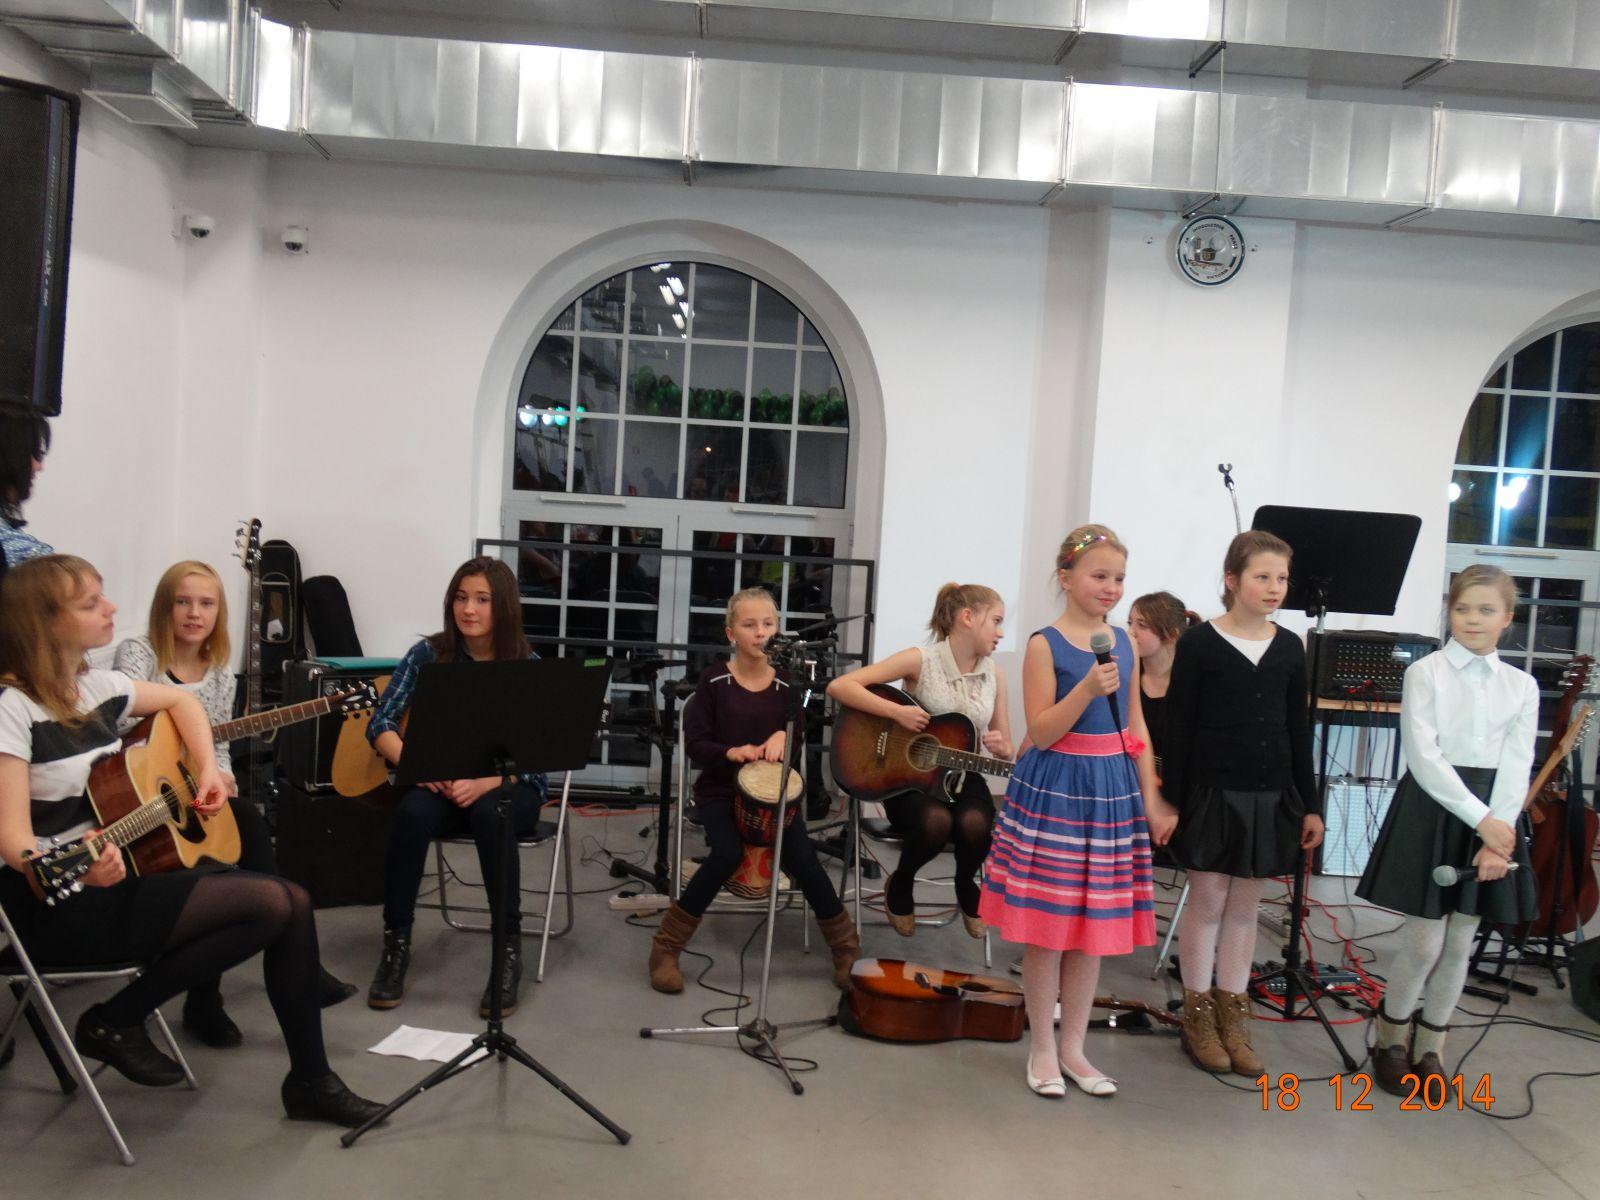 Koncert Bożonarodzeniowy w CK-K Witold